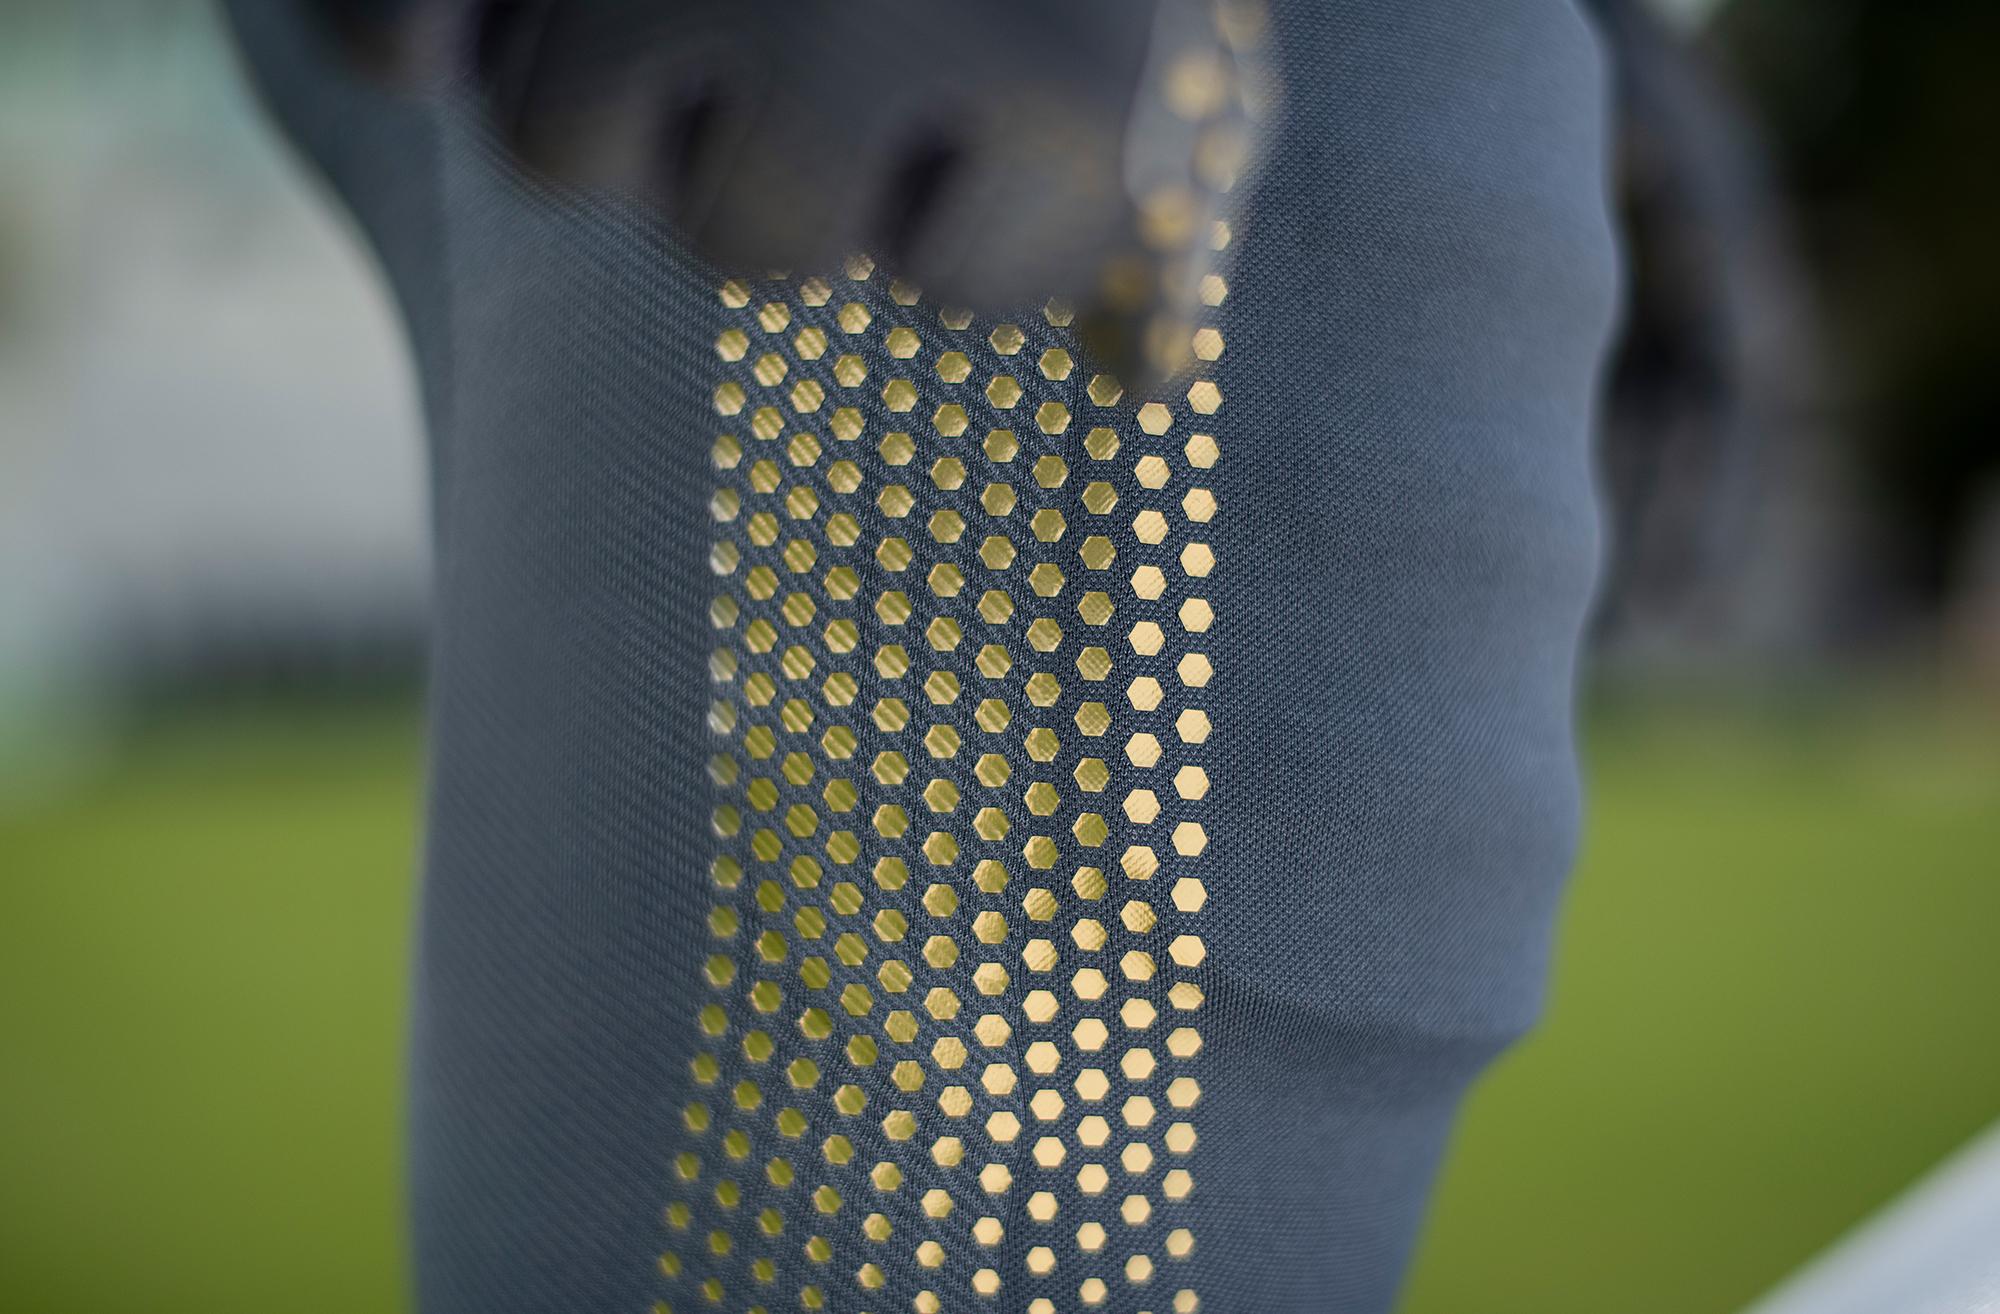 adidas_NCAA_Football_OnField_Detail_GATech5_2000x1314.jpg